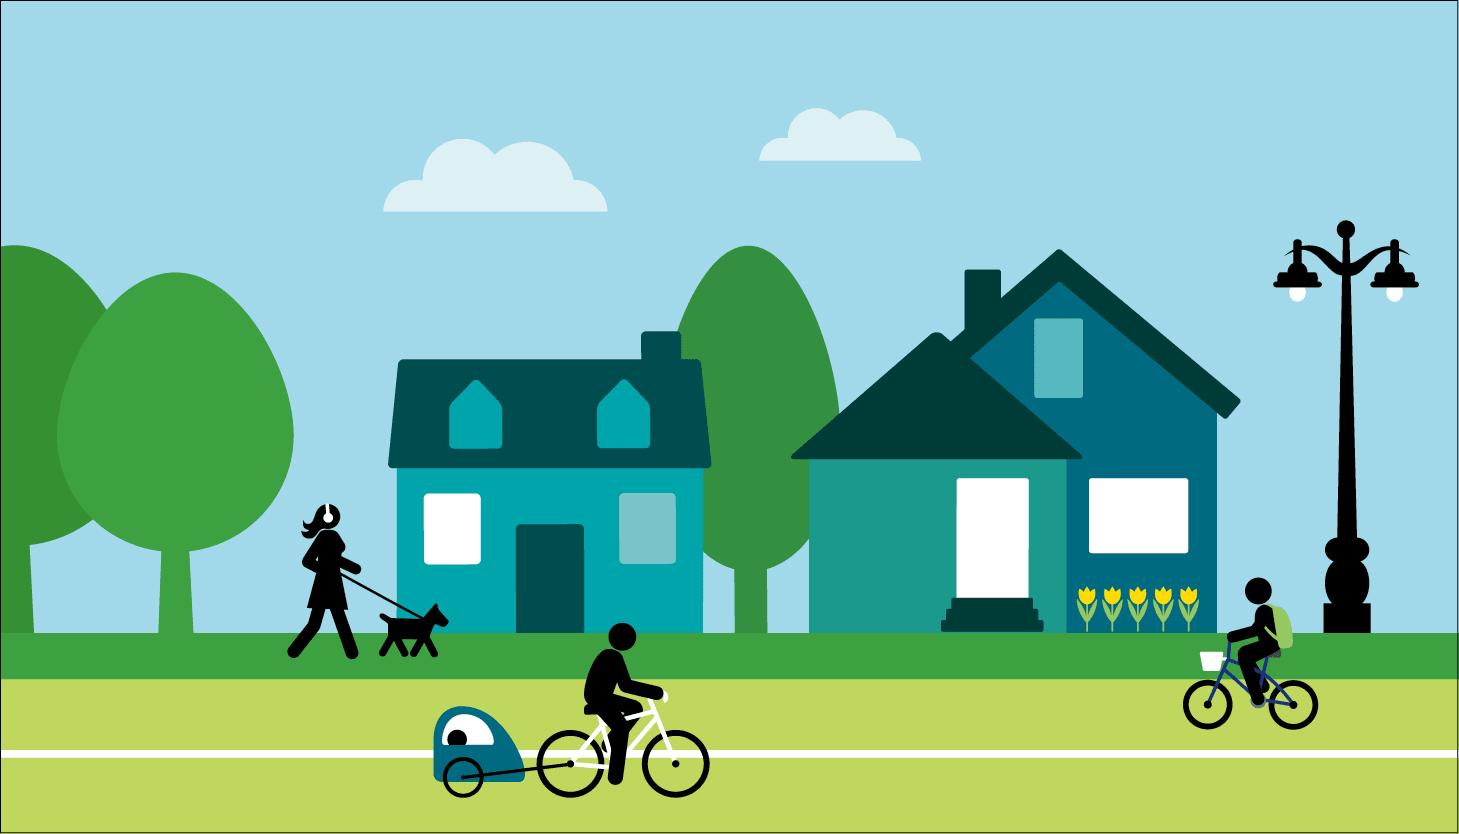 Visuel de cyclistes roulant sur une piste bidirectionnelle dans un quartier